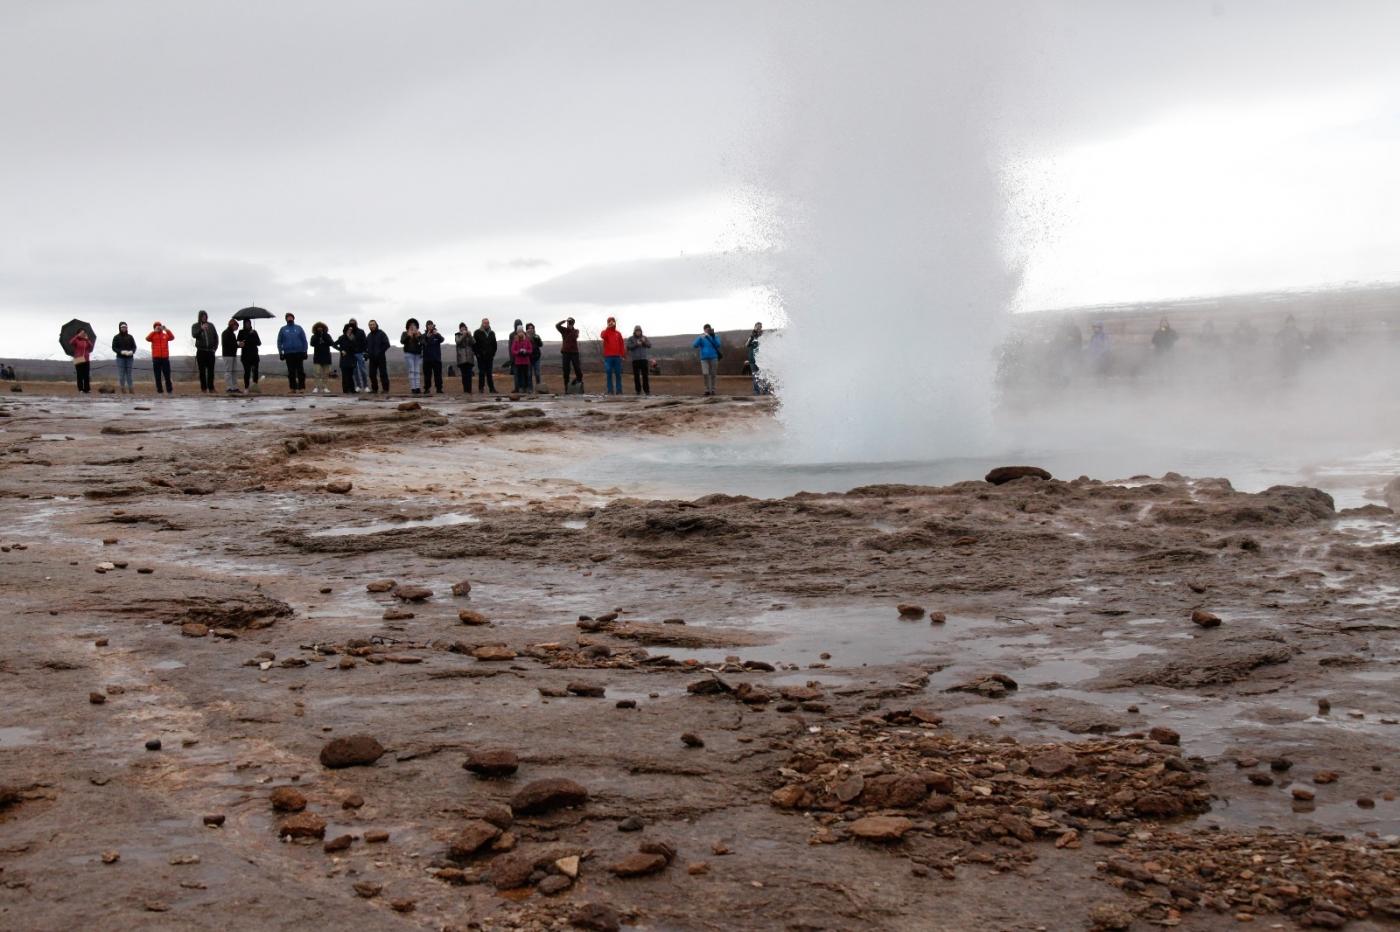 冰岛热带温泉美景,游客流连忘返_图1-17